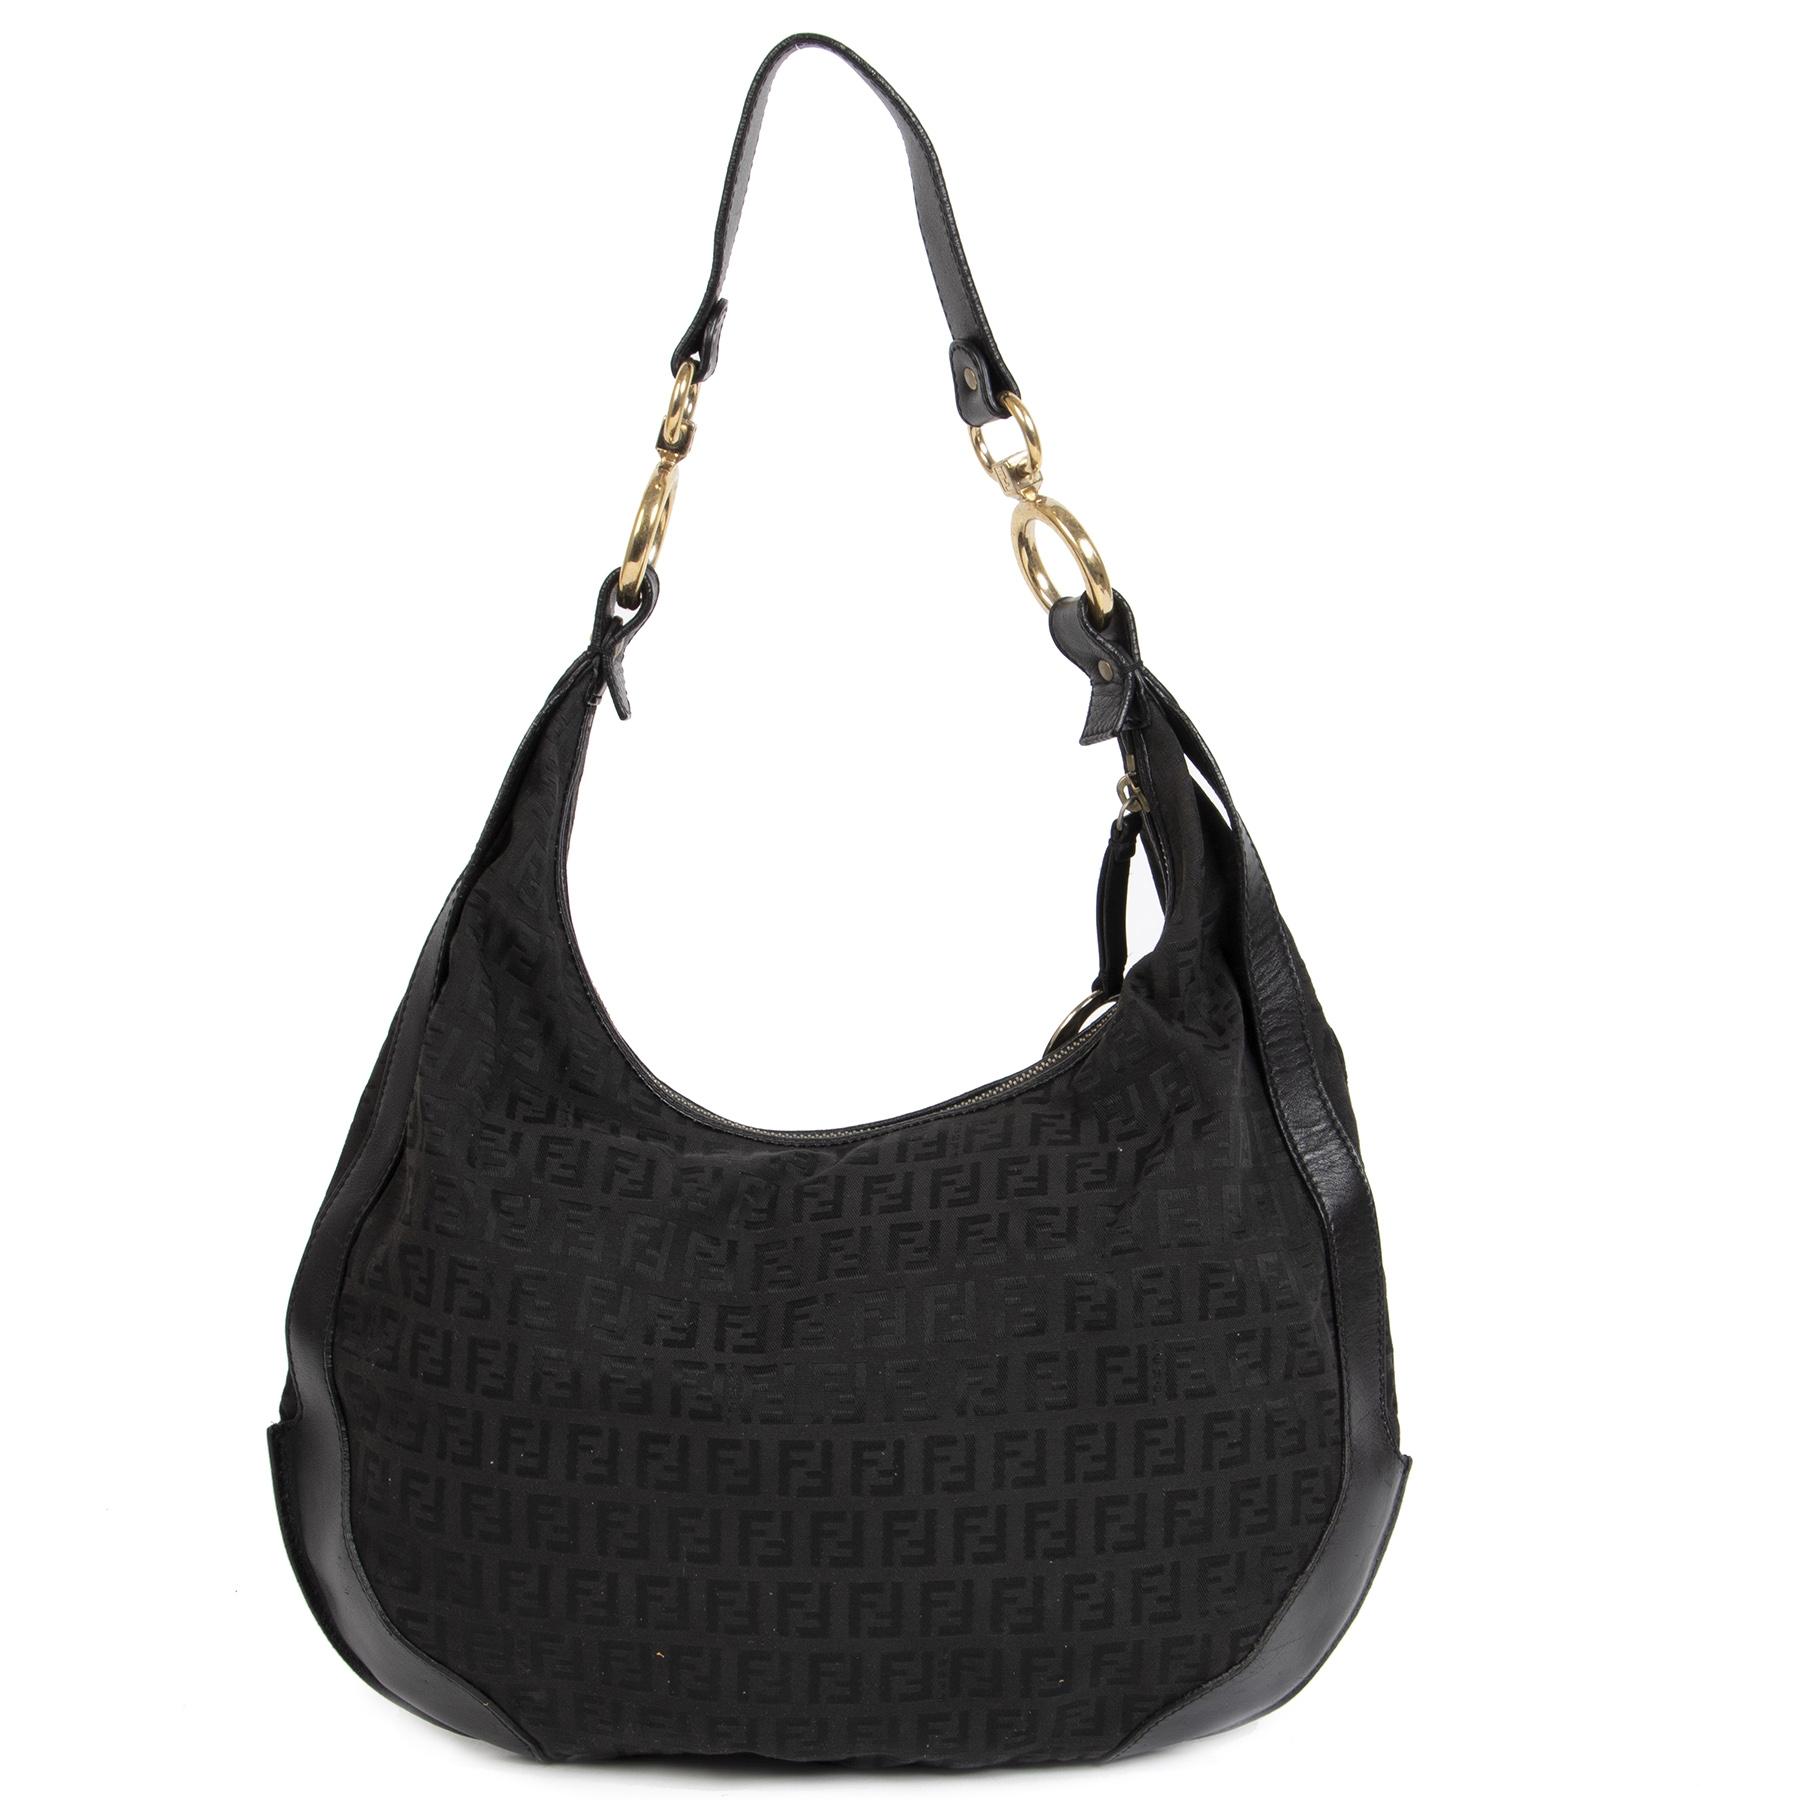 Authentieke Tweedehands Fendi Black Zucca Monogram Canvas Hobo Bag juiste prijs veilig online shoppen luxe merken webshop winkelen Antwerpen België mode fashion